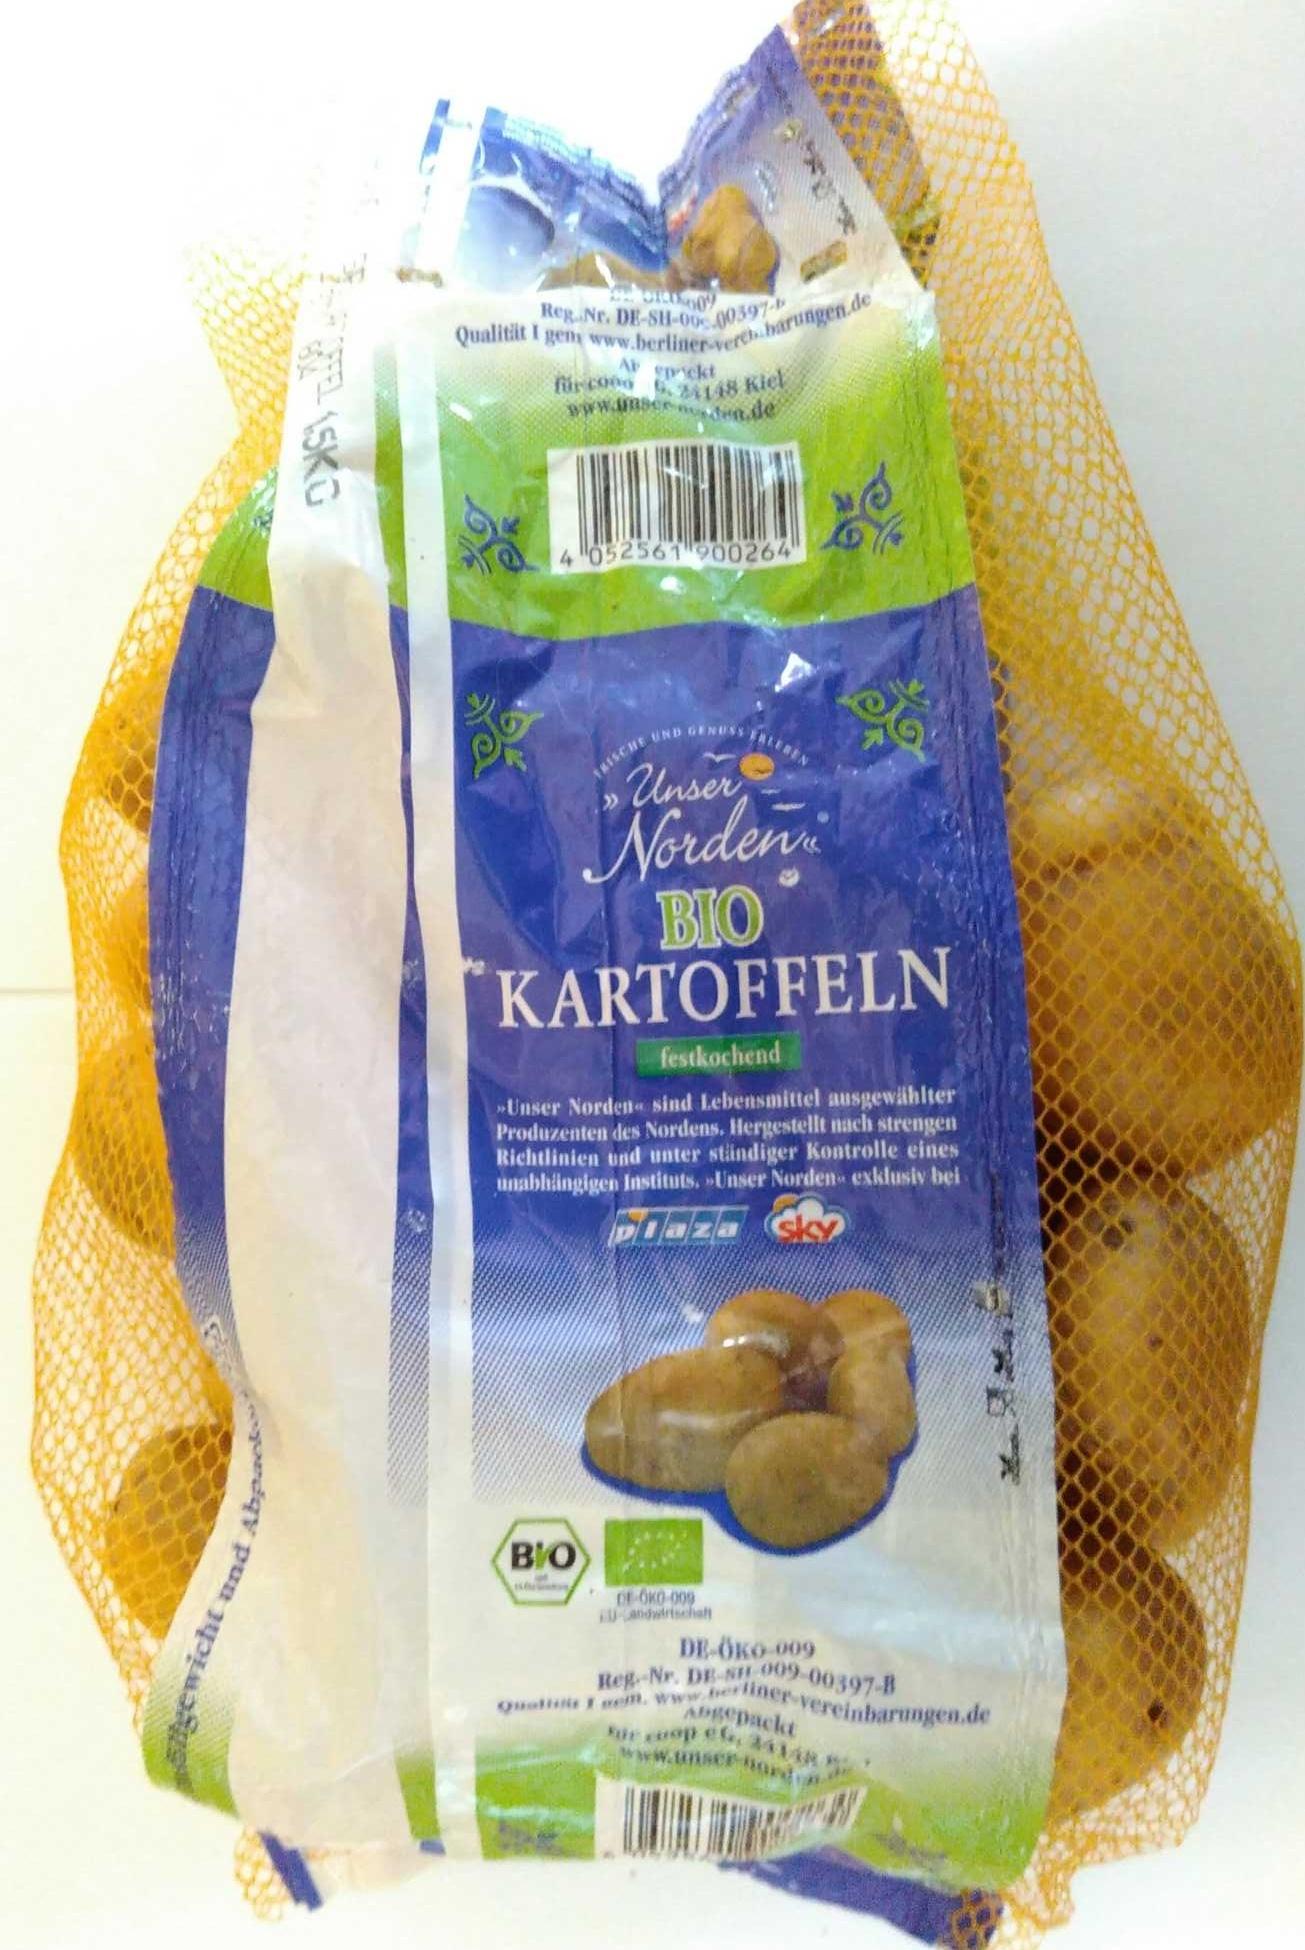 Bio Kartoffeln festkochend - Produit - de